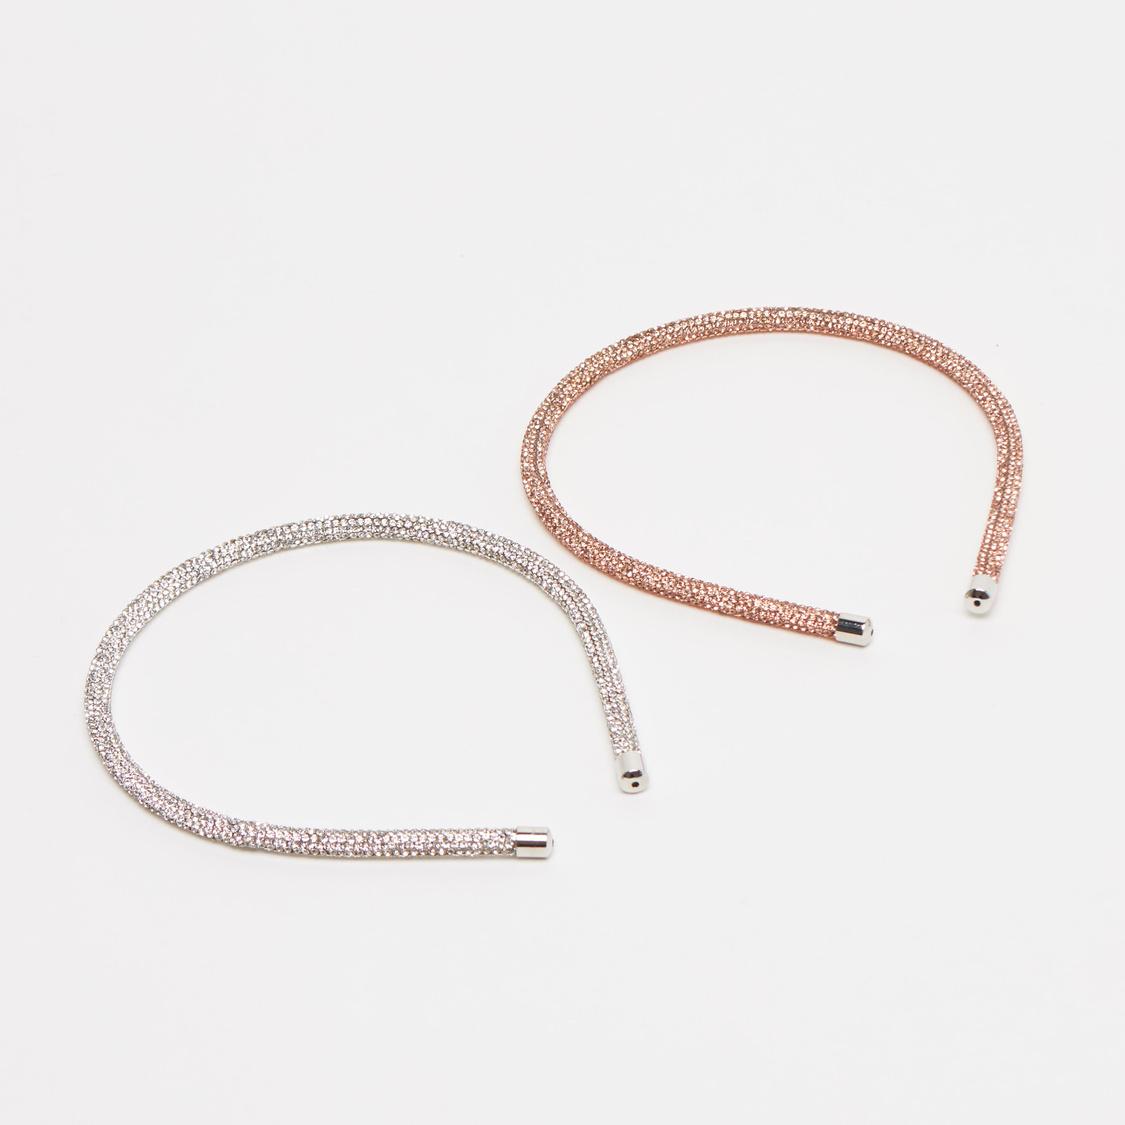 Set of 2 Stone Studded Hairbands